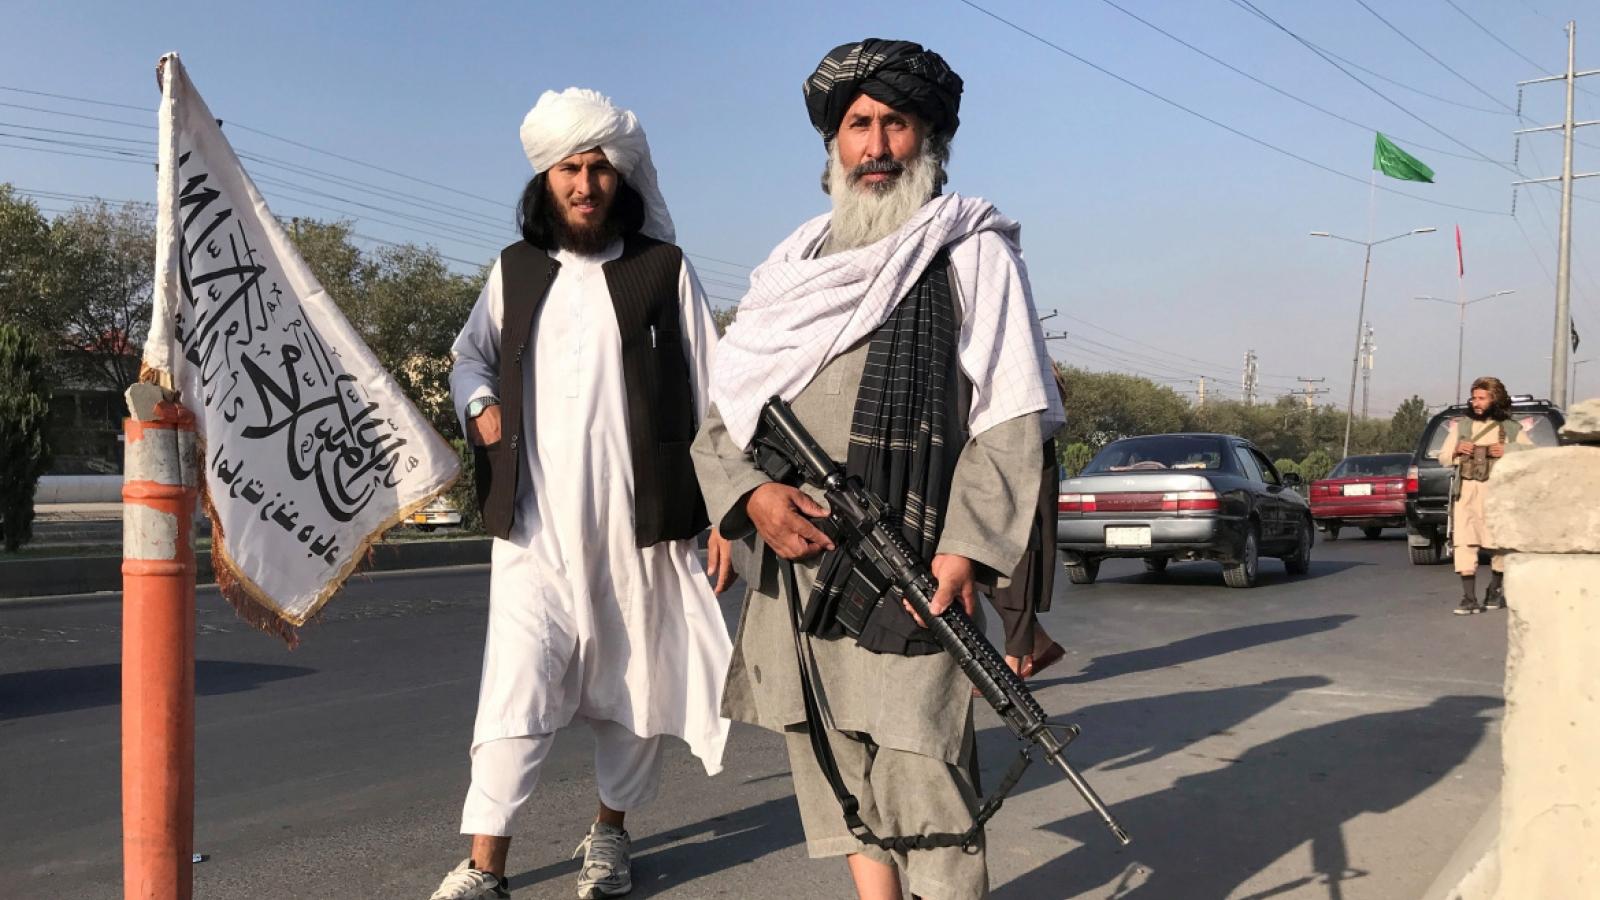 Khung cảnh Kabul sau khi Taliban giành quyền kiểm soát thủ đô của Afghanistan